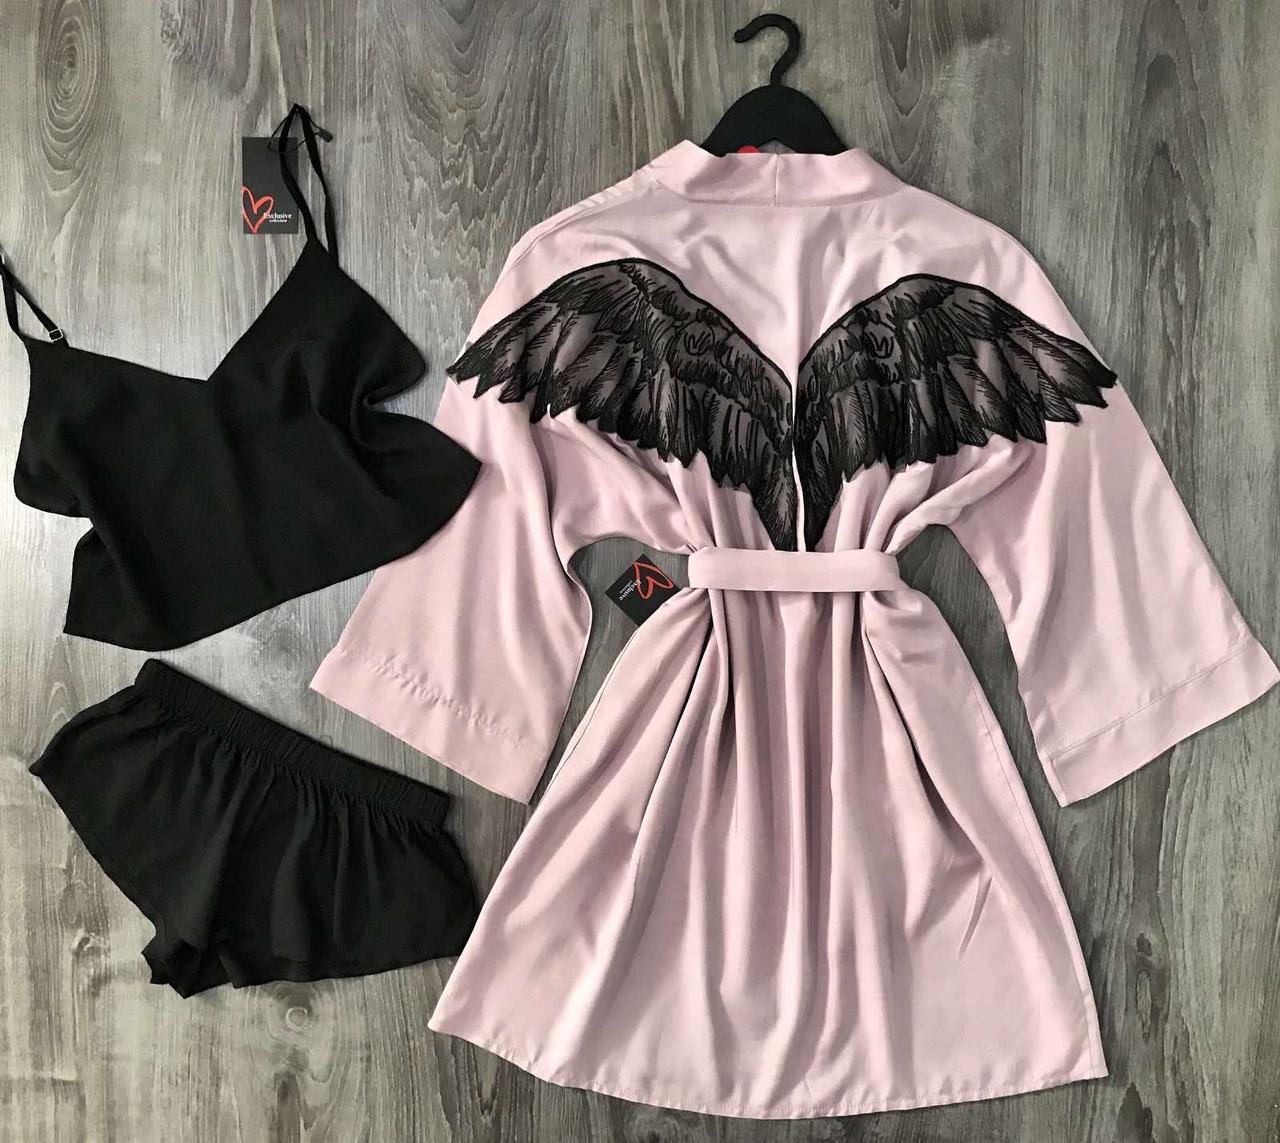 Модный комплект домашней одежды халат+топ+шорты.